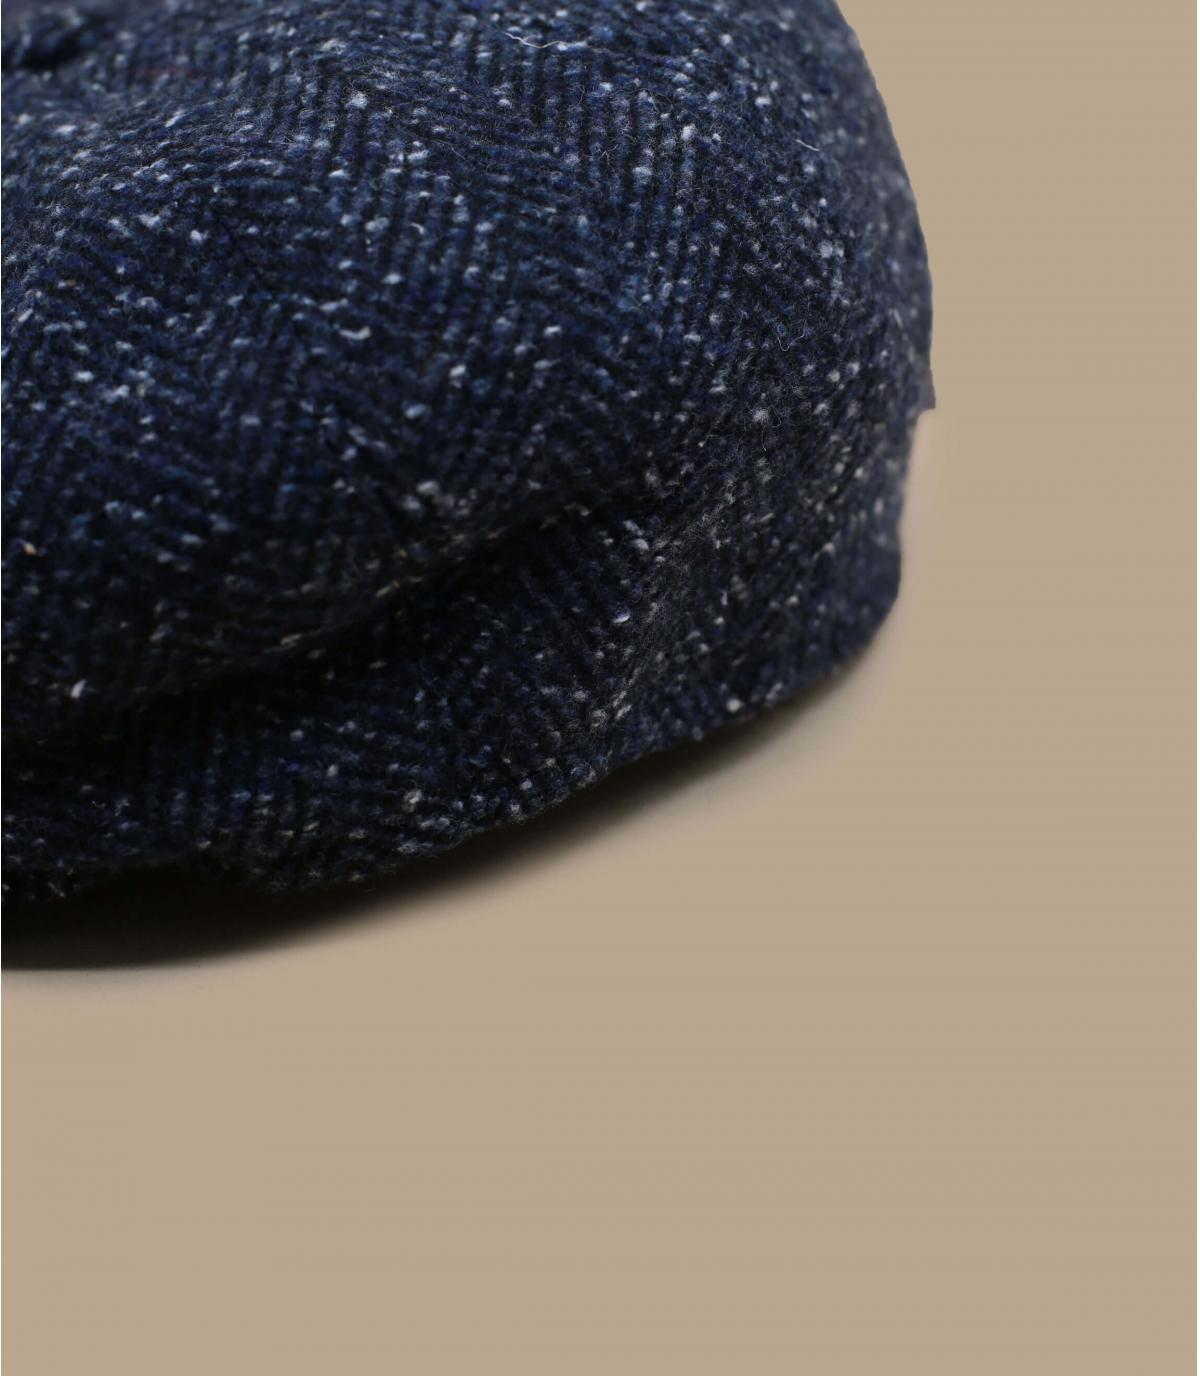 Détails Staffy Atollo bleu - image 2